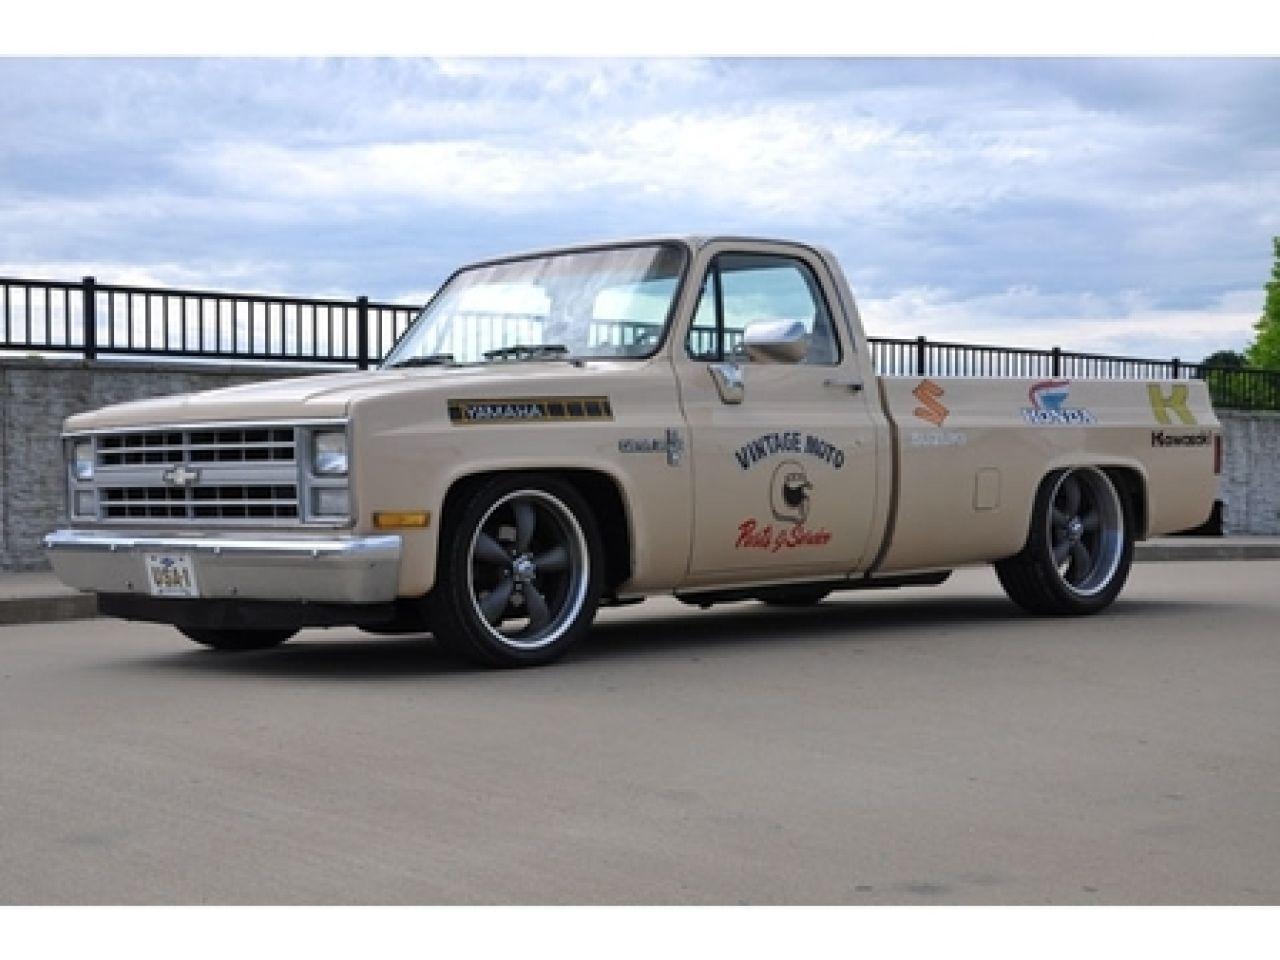 Silverado chevy 1987 silverado : 1987 Chevrolet C10 Pickup Truck - Ebay Motors San Jose, CA for ...